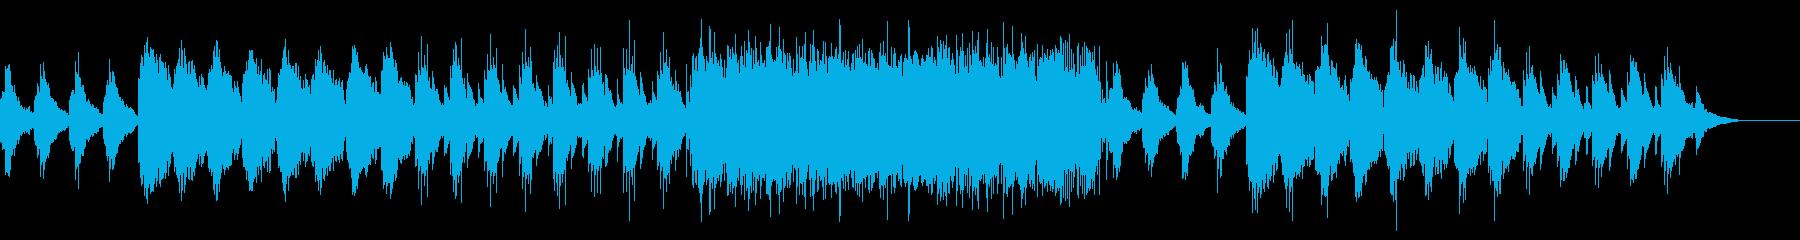 夜のとばりをイメージしたダークなインストの再生済みの波形